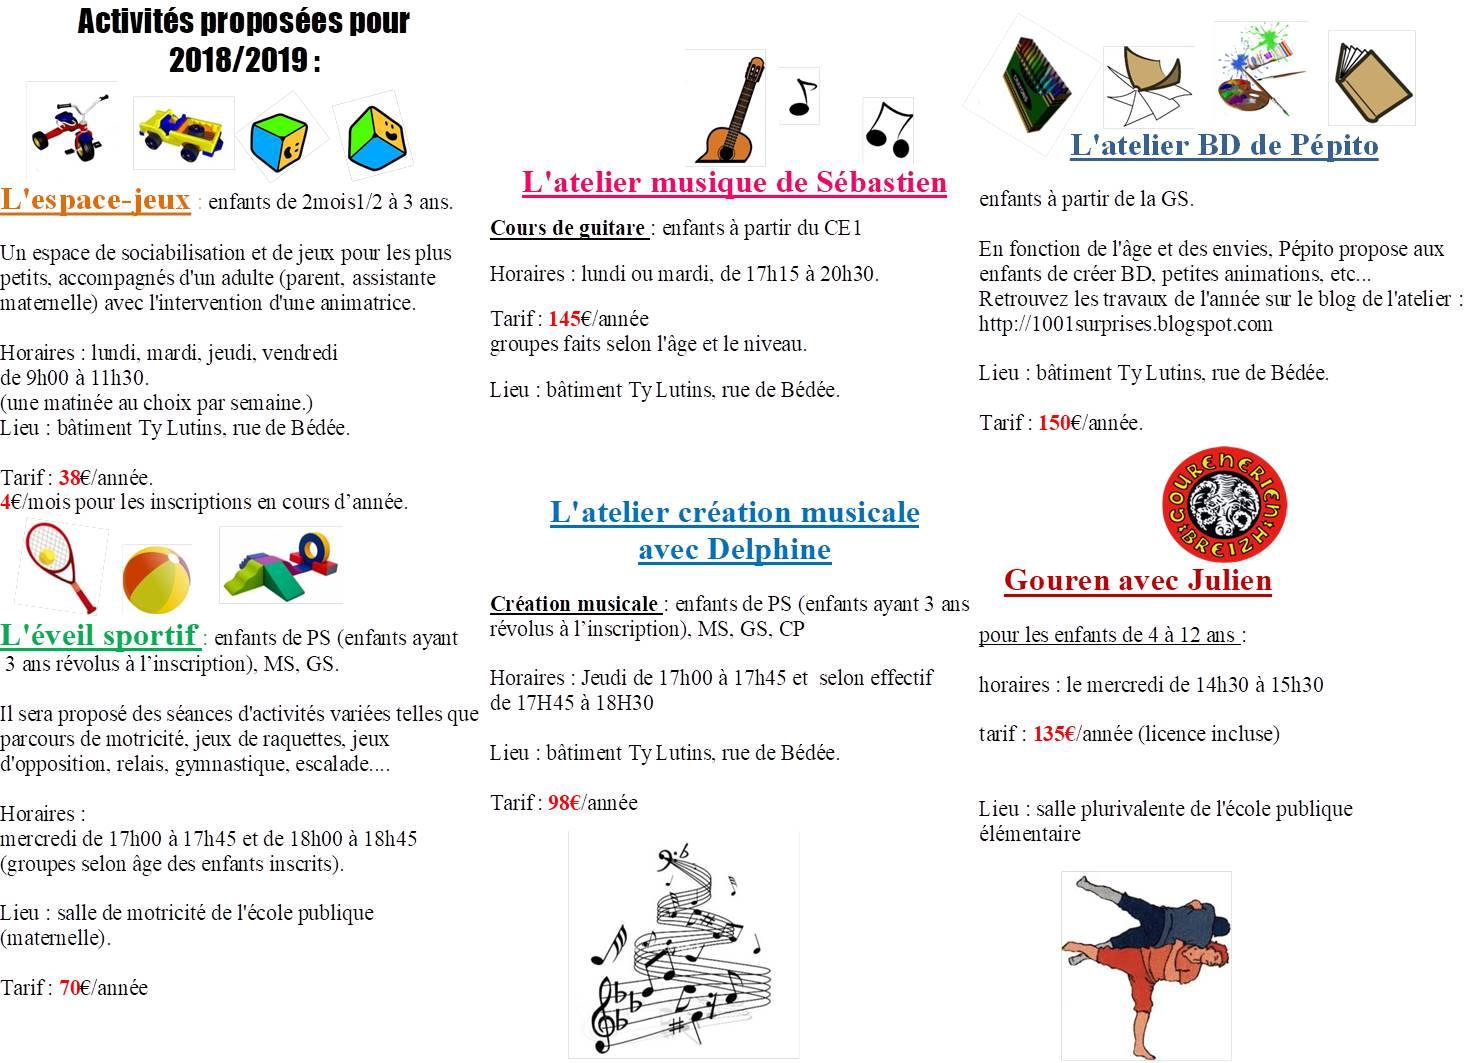 flyer activités 2018 2019 p1.jpg